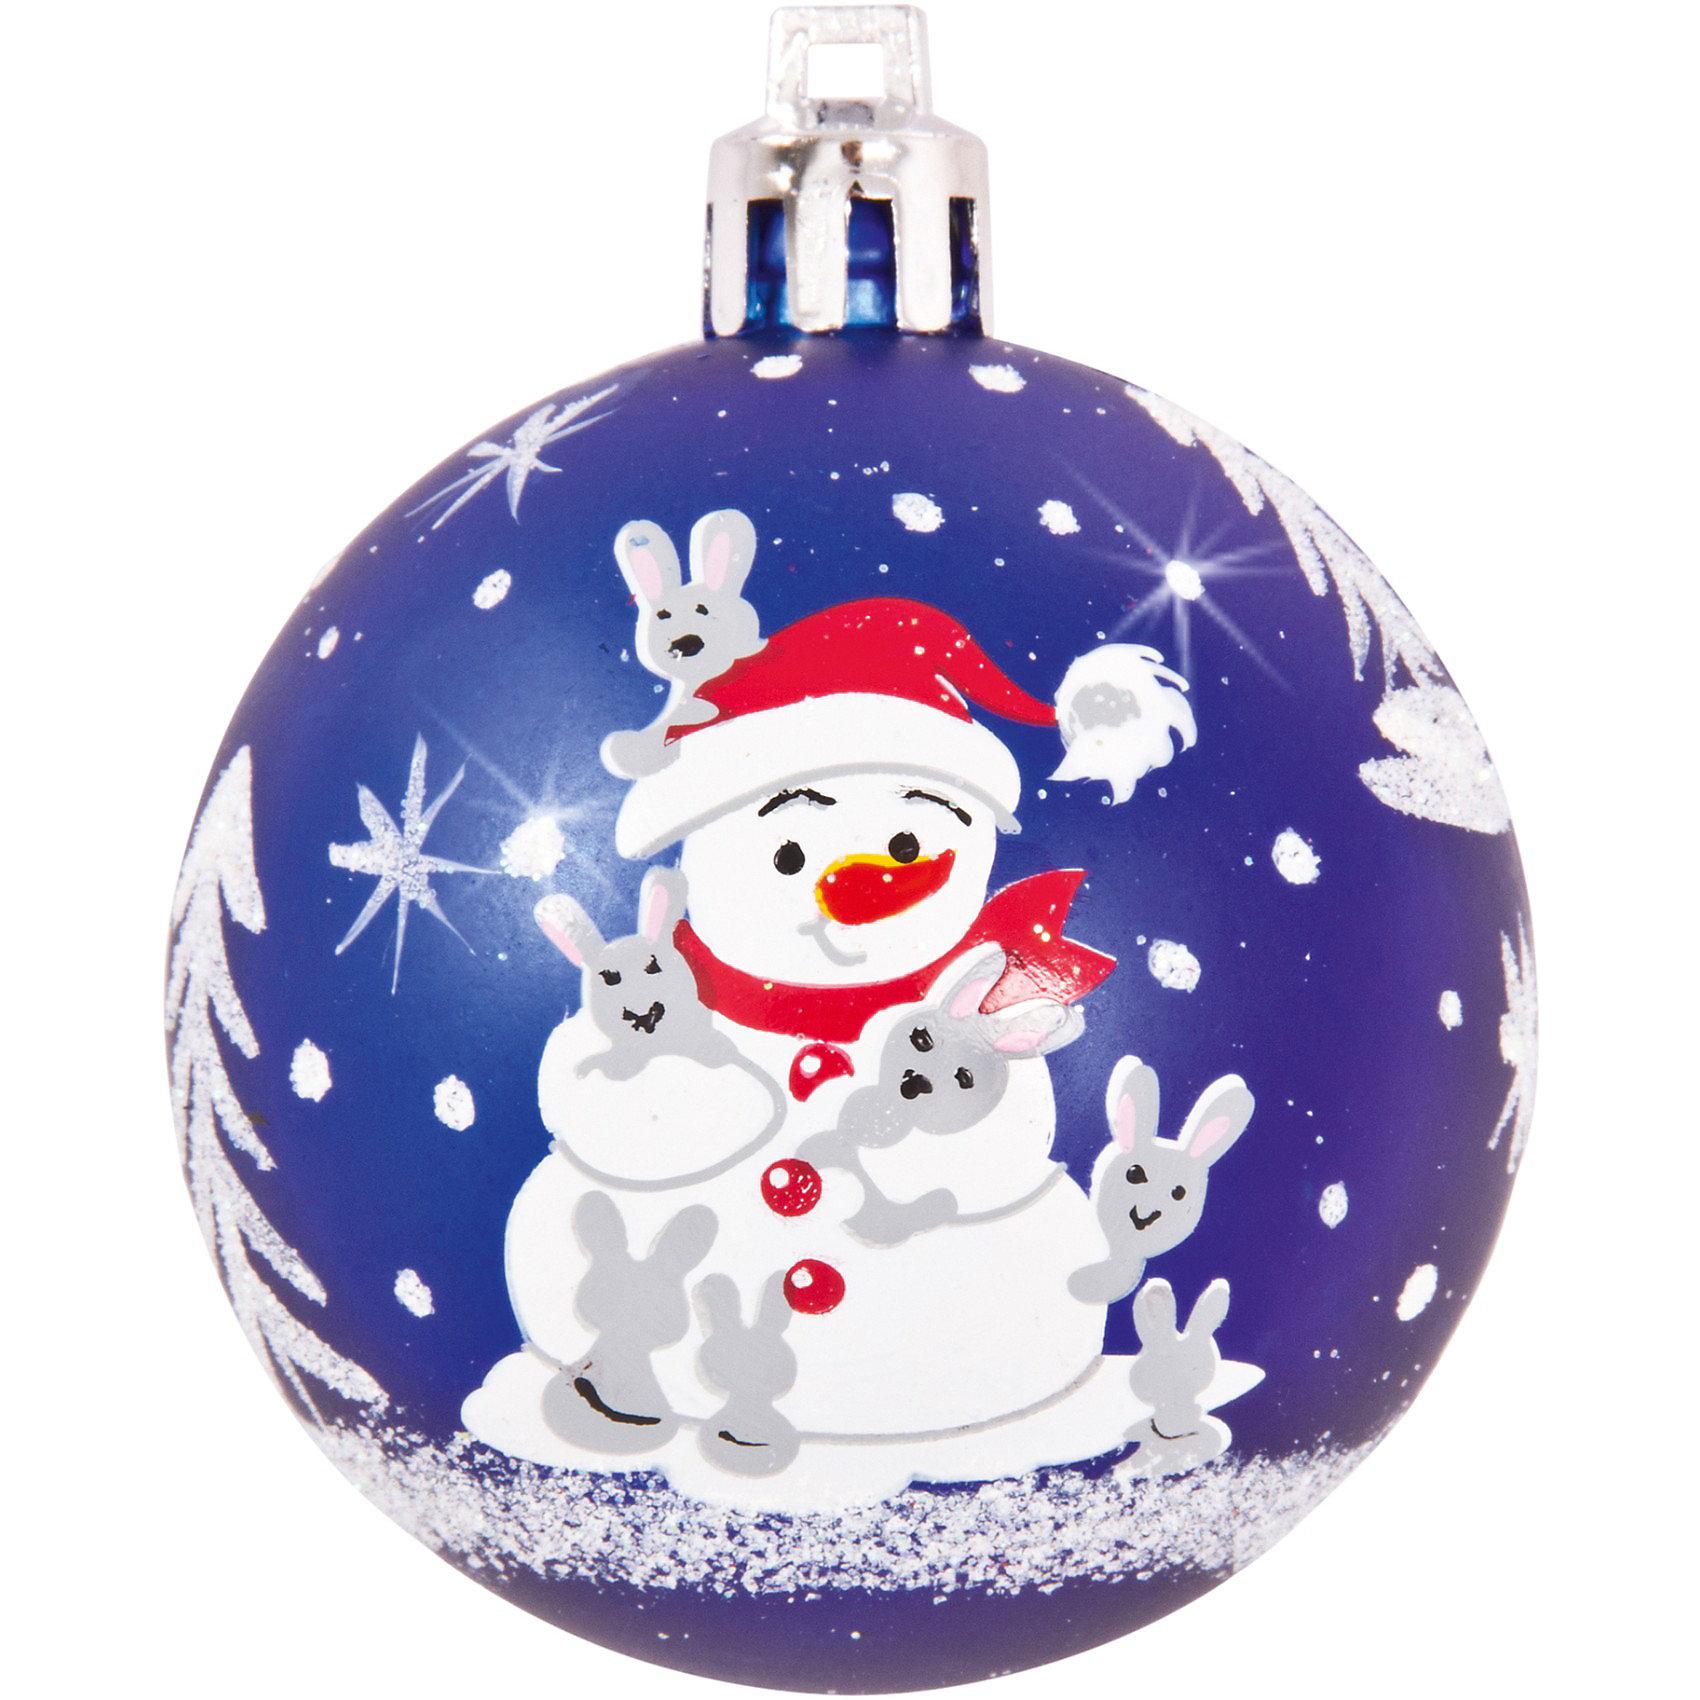 Шары с рисунком Снеговик, 6 см, 4 шт., цвет - синийШары с рисунком Снеговик, Волшебная страна станут замечательным украшением для Вашей новогодней елки и помогут создать праздничную волшебную атмосферу. В<br>комплекте четыре синих шара с изображением веселого снеговика, они будут чудесно смотреться на елке и радовать детей и взрослых. Шары упакованы в прозрачную коробочку<br>из ПВХ.<br><br>Дополнительная информация:<br><br>- Цвет: синий.<br>- В комплекте: 4 шт.<br>- Диаметр шара: 6 см.<br>- Размер упаковки: 12 x 12 x 6 см.<br>- Вес: 75 гр.<br><br>Шары с рисунком Снеговик, Волшебная страна можно купить в нашем интернет-магазине.<br><br>Ширина мм: 530<br>Глубина мм: 120<br>Высота мм: 60<br>Вес г: 76<br>Возраст от месяцев: 60<br>Возраст до месяцев: 180<br>Пол: Унисекс<br>Возраст: Детский<br>SKU: 3791381